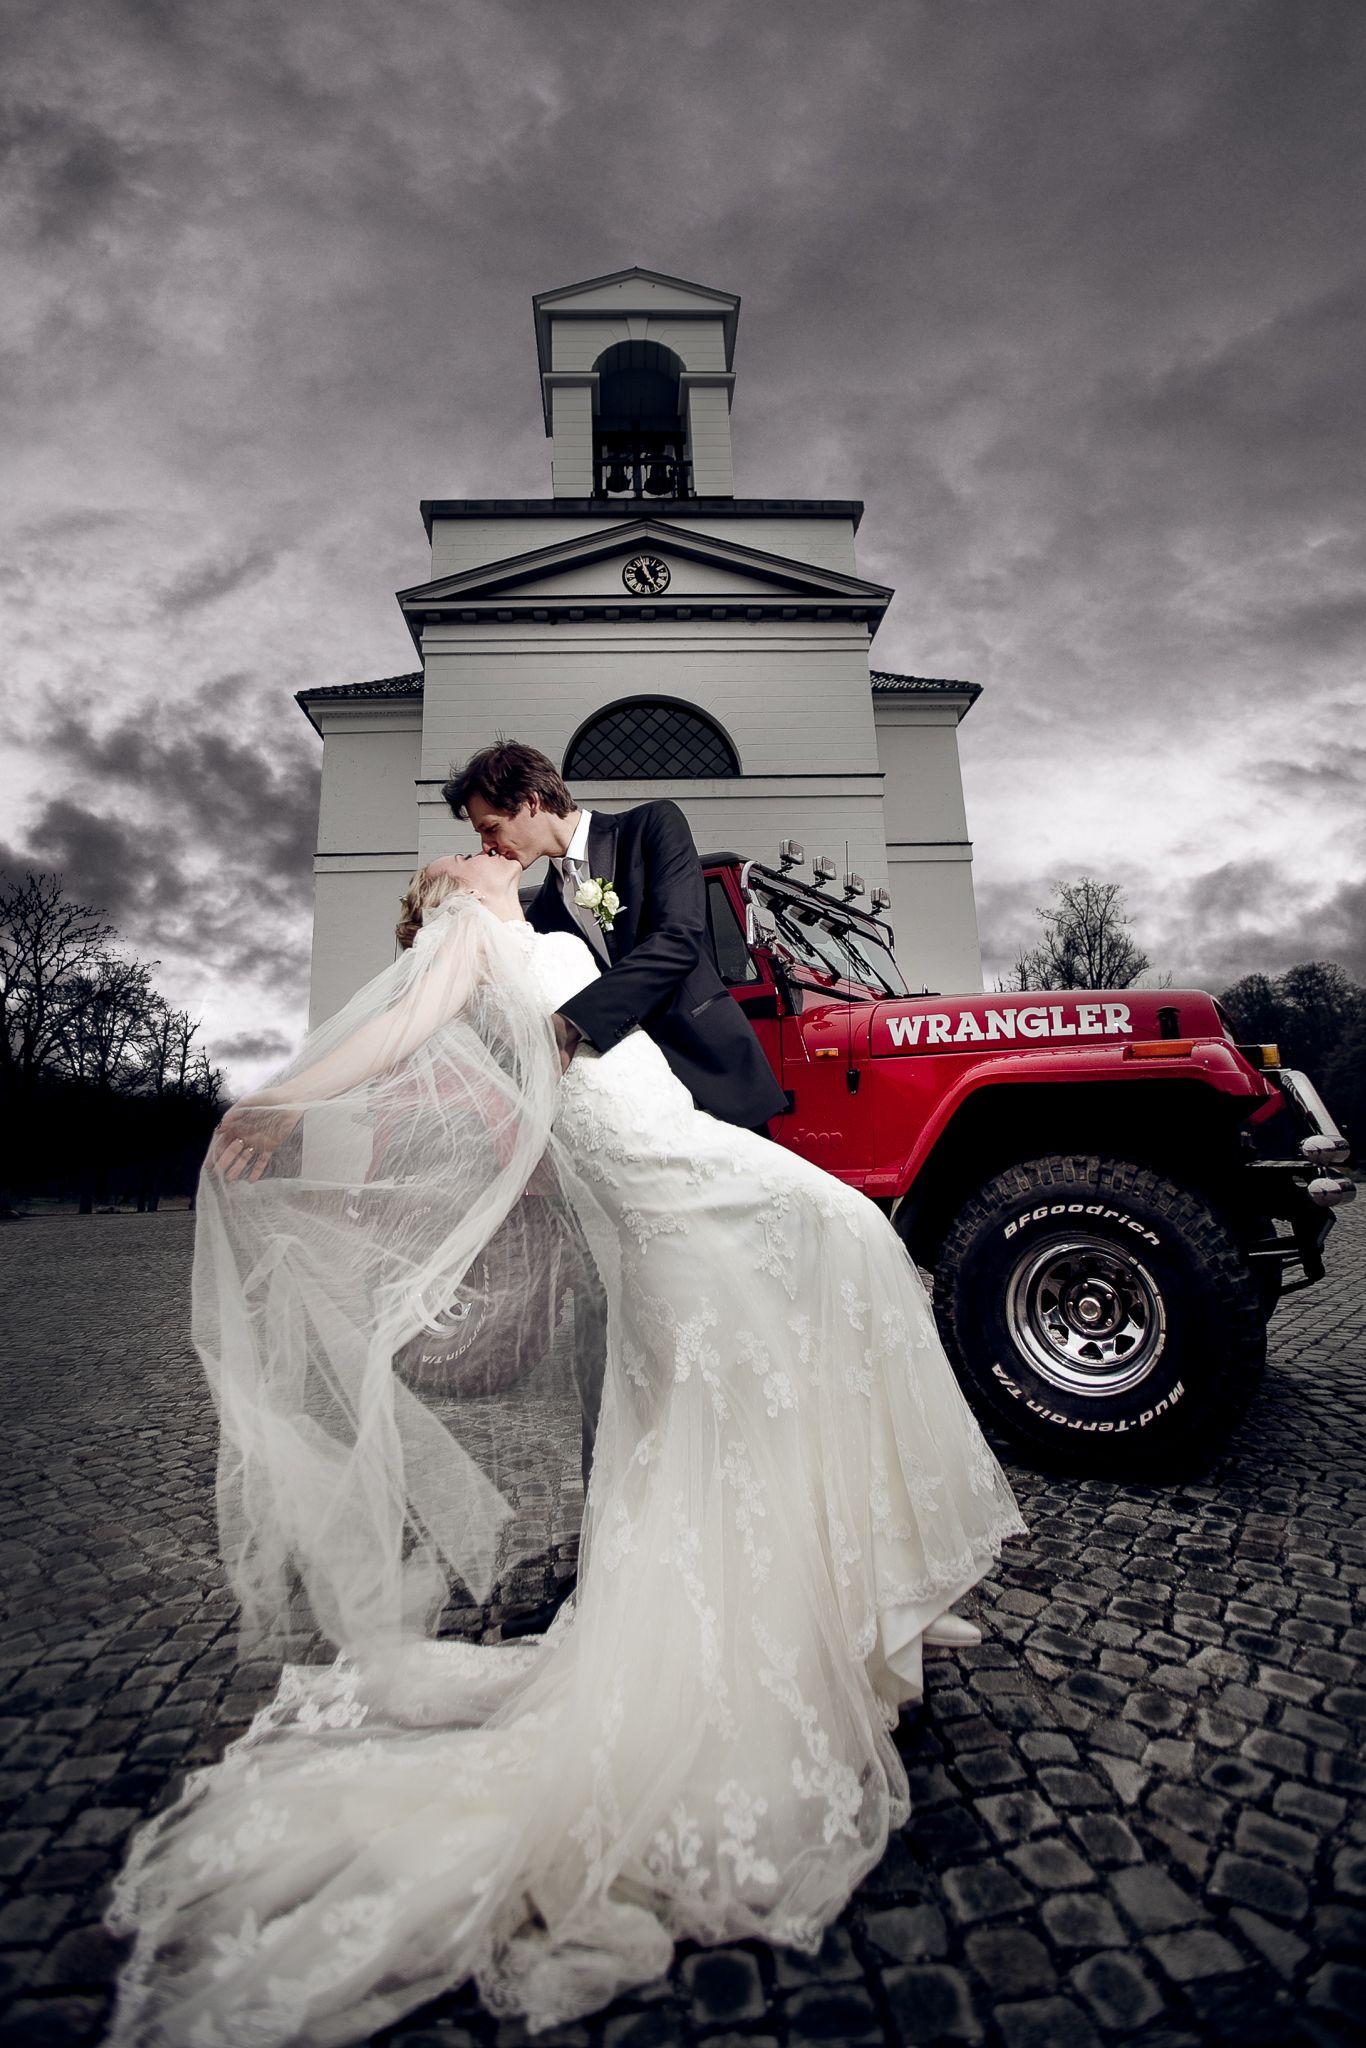 bryllupsbilleder_mads_eneqvist_11 Bryllupsbilleder